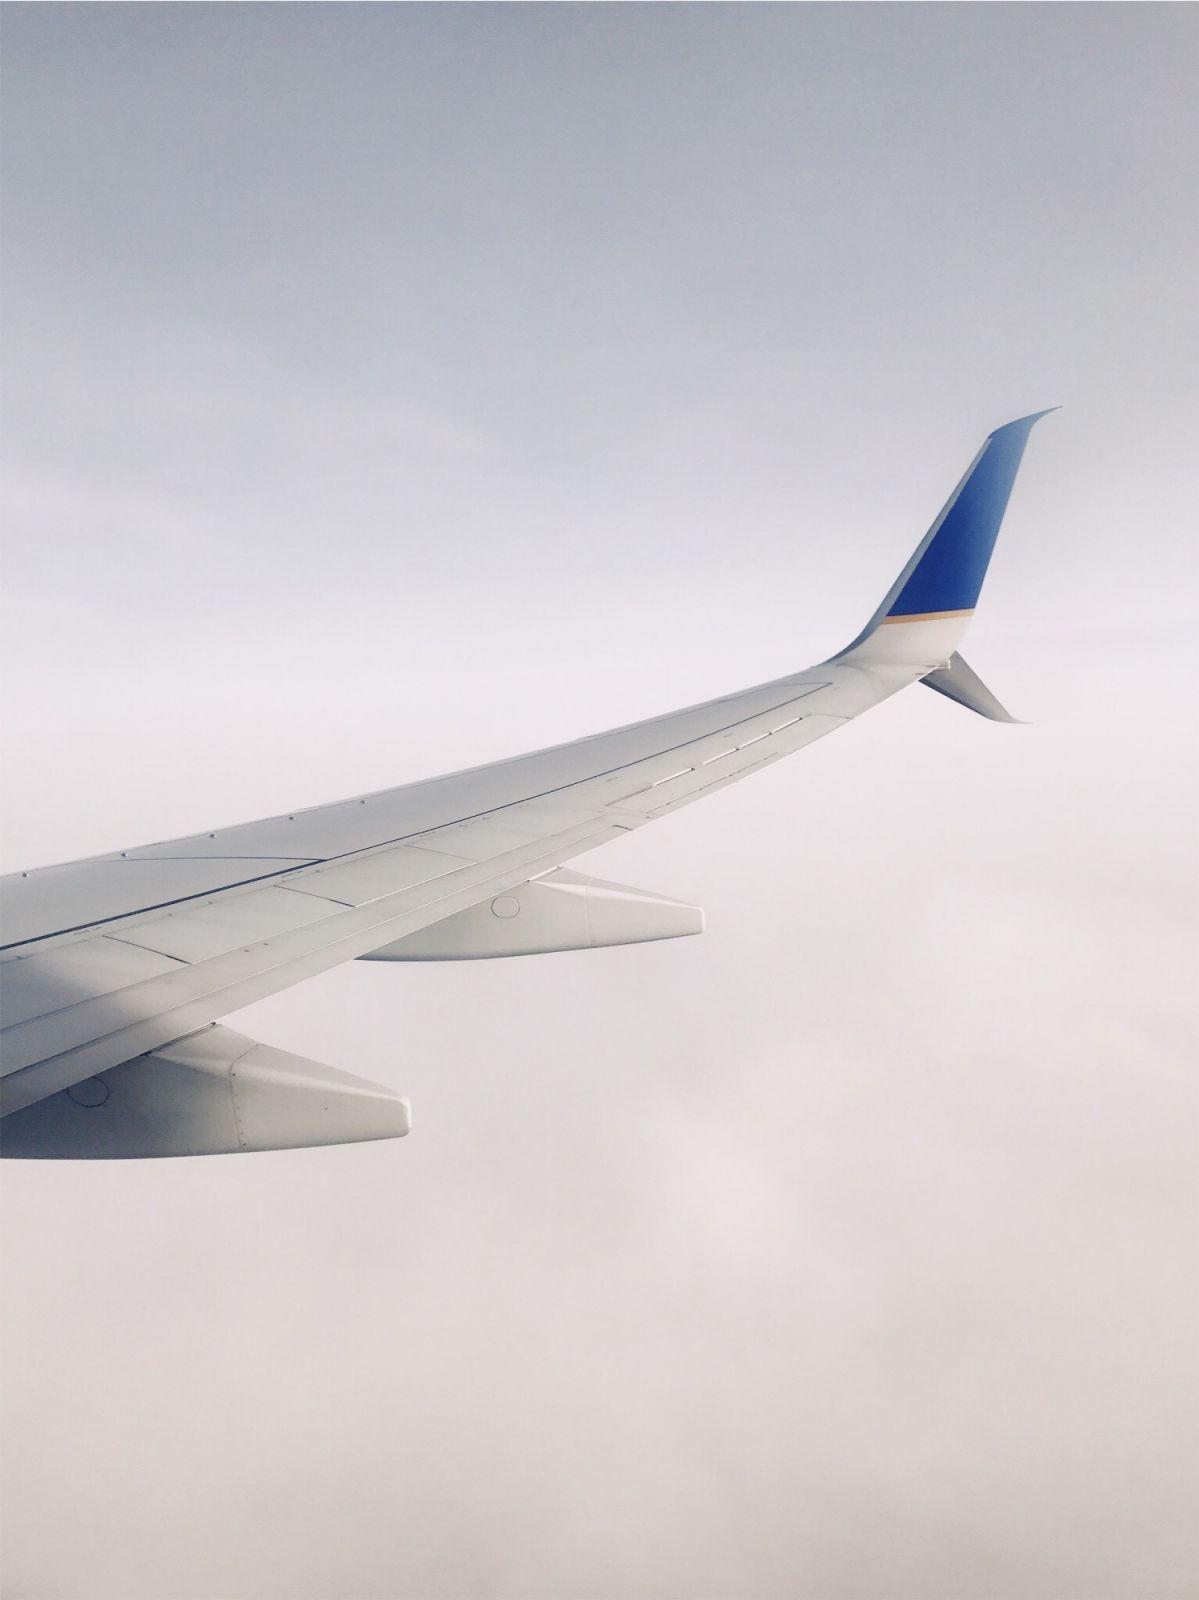 Куда сдавать инсулин, глюкометр и тест-полоски при перелете самолетом?